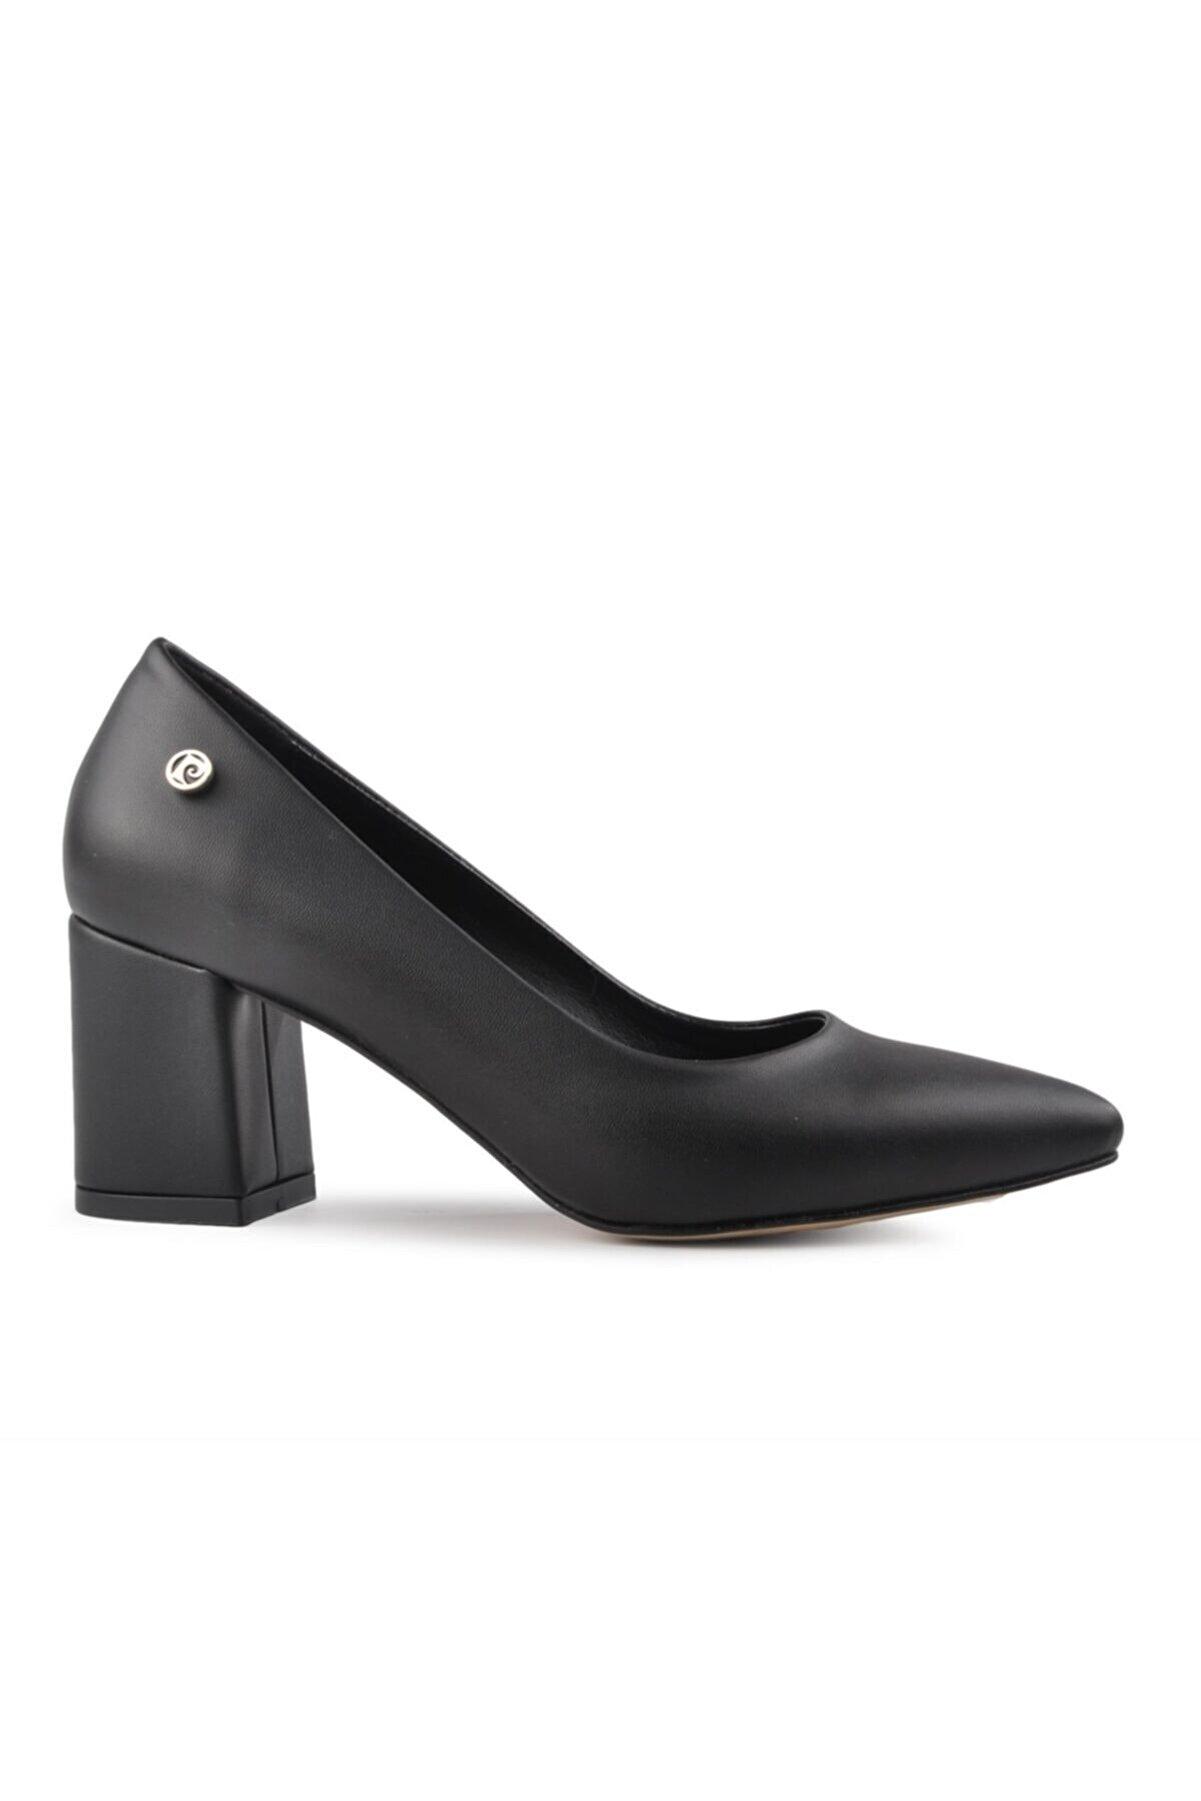 Pierre Cardin 50176 Siyah Kadın Topuklu Ayakkabı